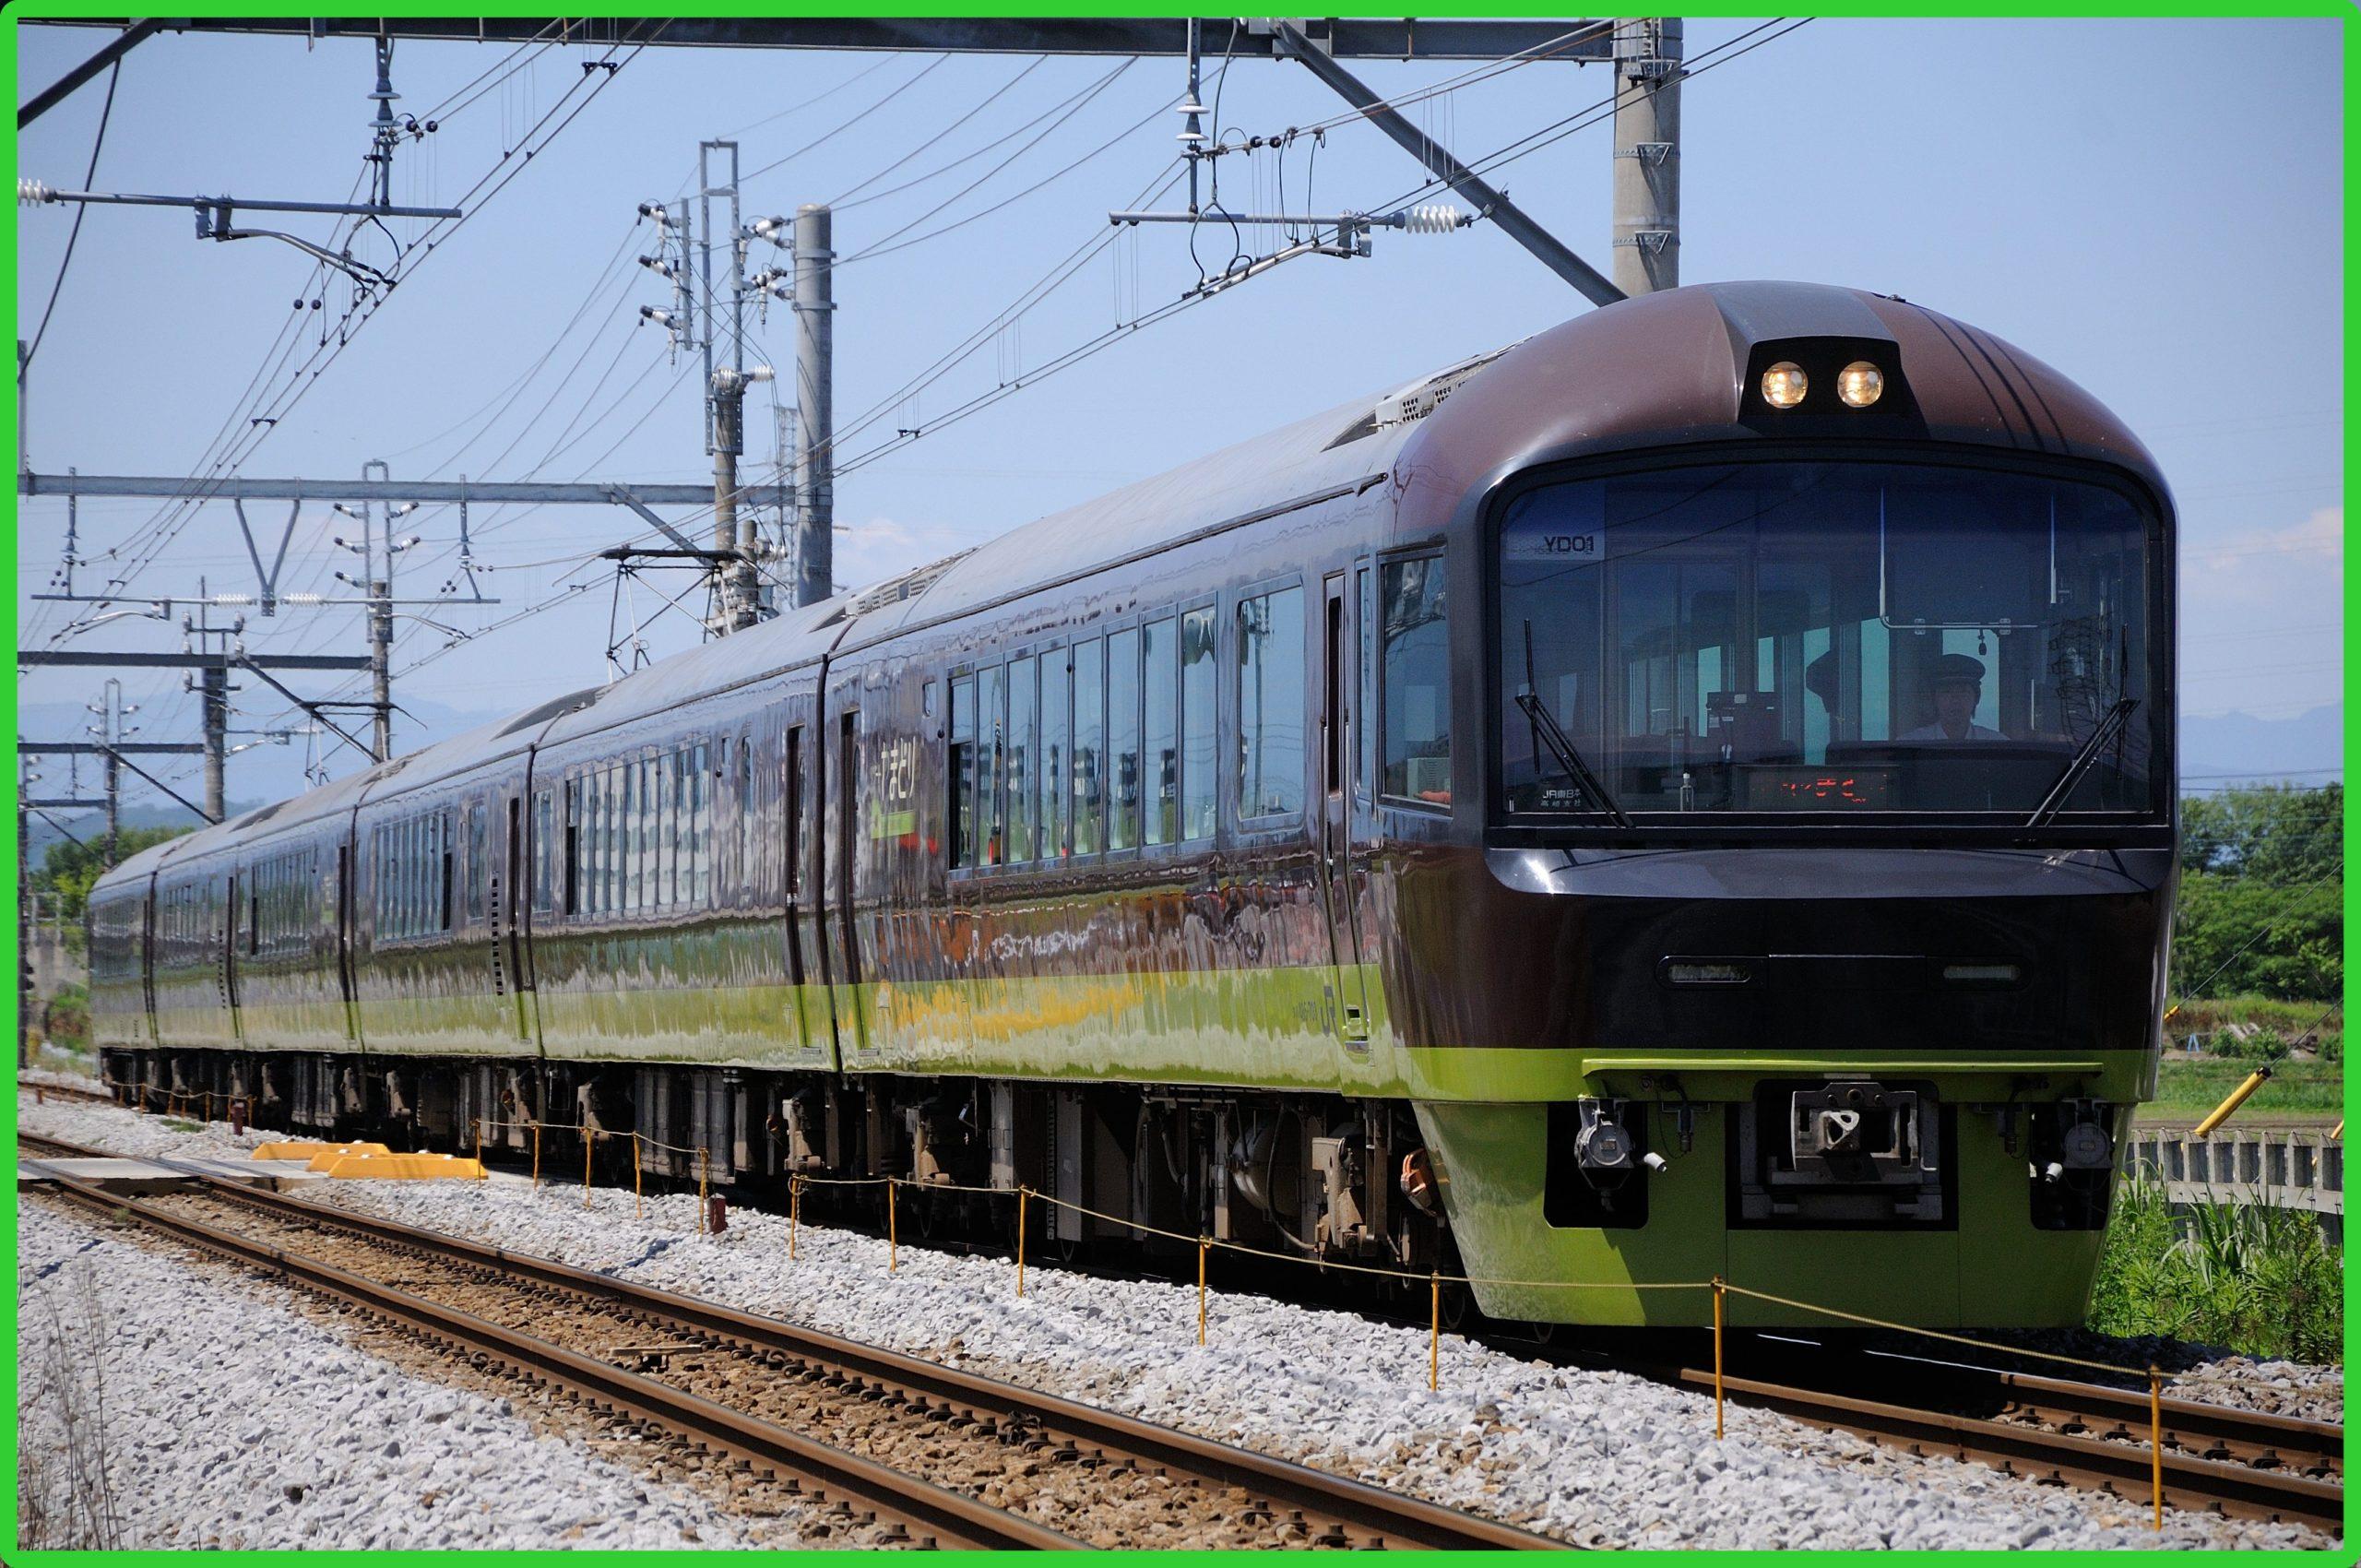 JR東日本、2021年春・GWの臨時列車発表 ムーンライトながら廃止が正式発表 引退の185系踊り子が最後の設定か